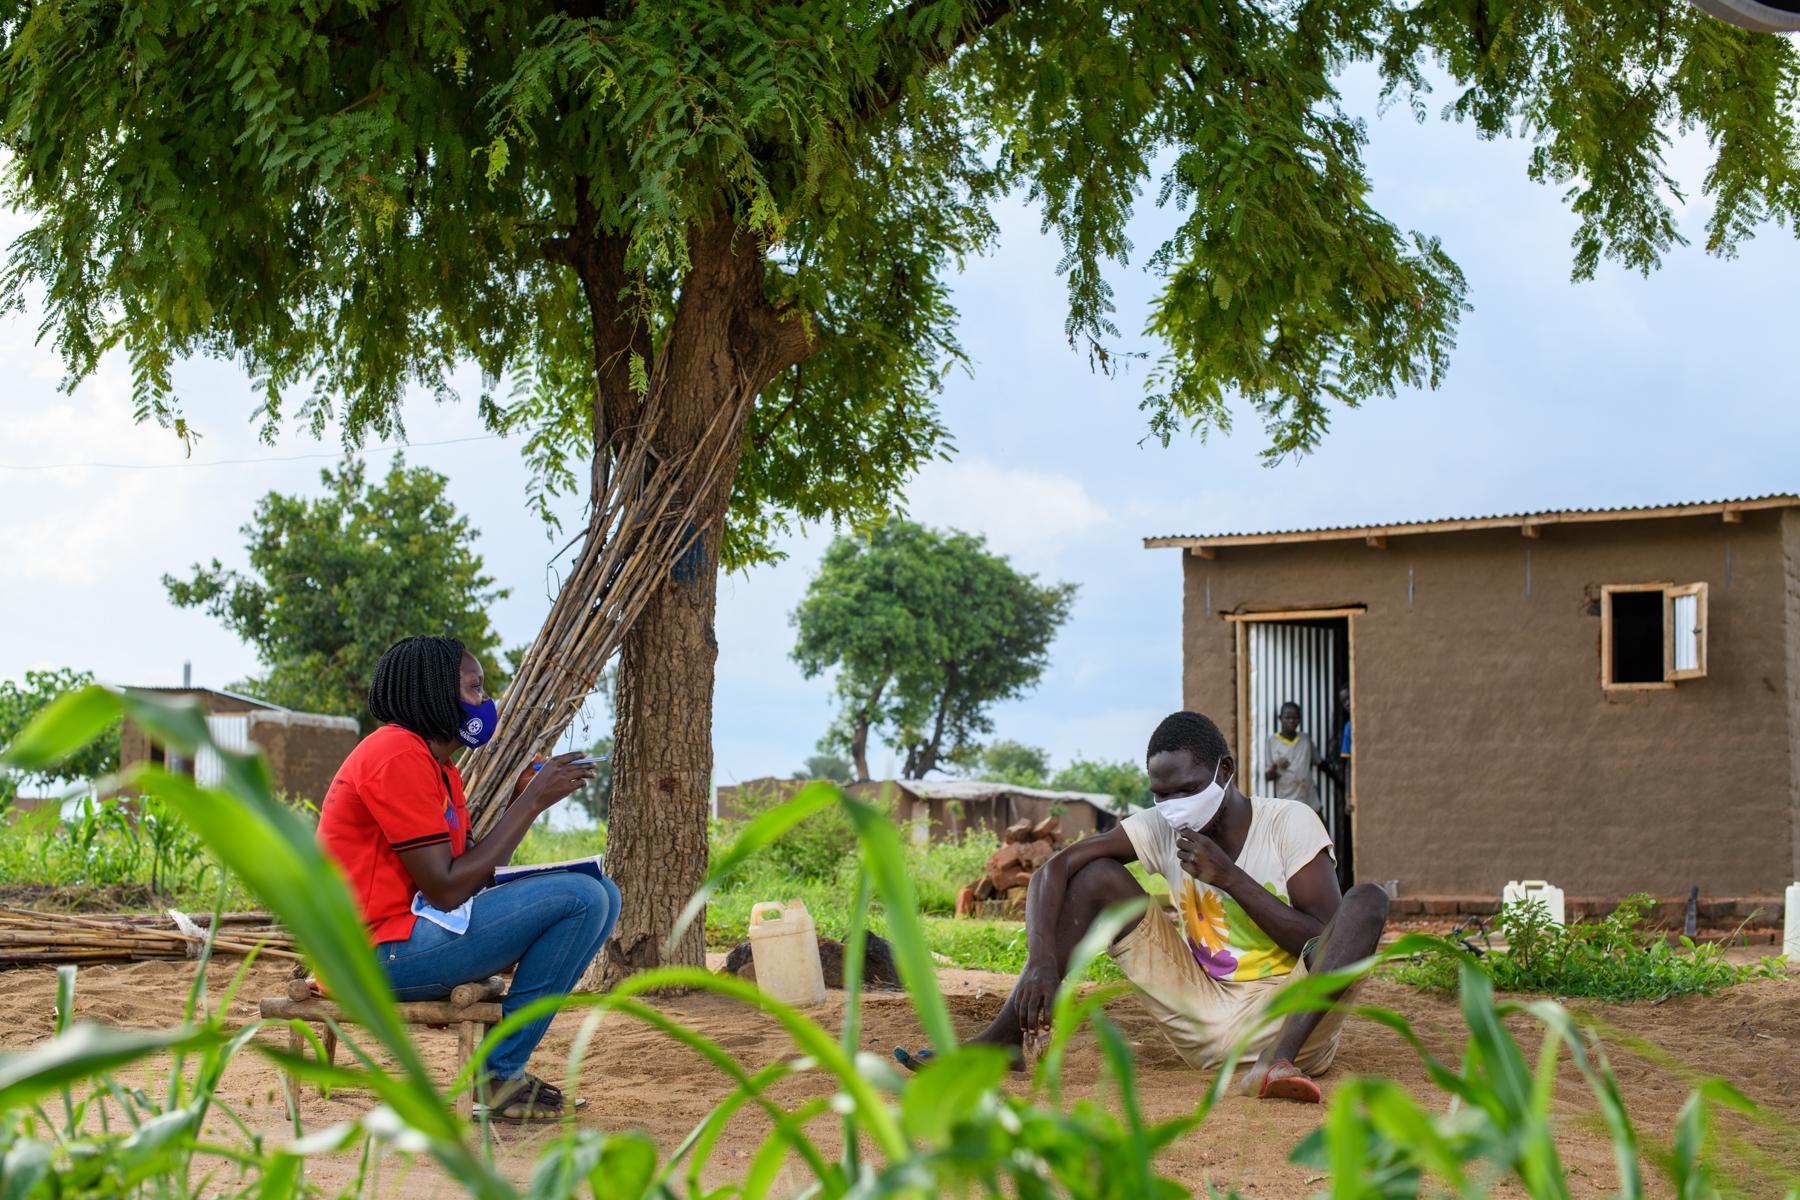 Lomuju sitzt auf dem Boden und Joyce auf einem Stuhl einer vor einer Hütte